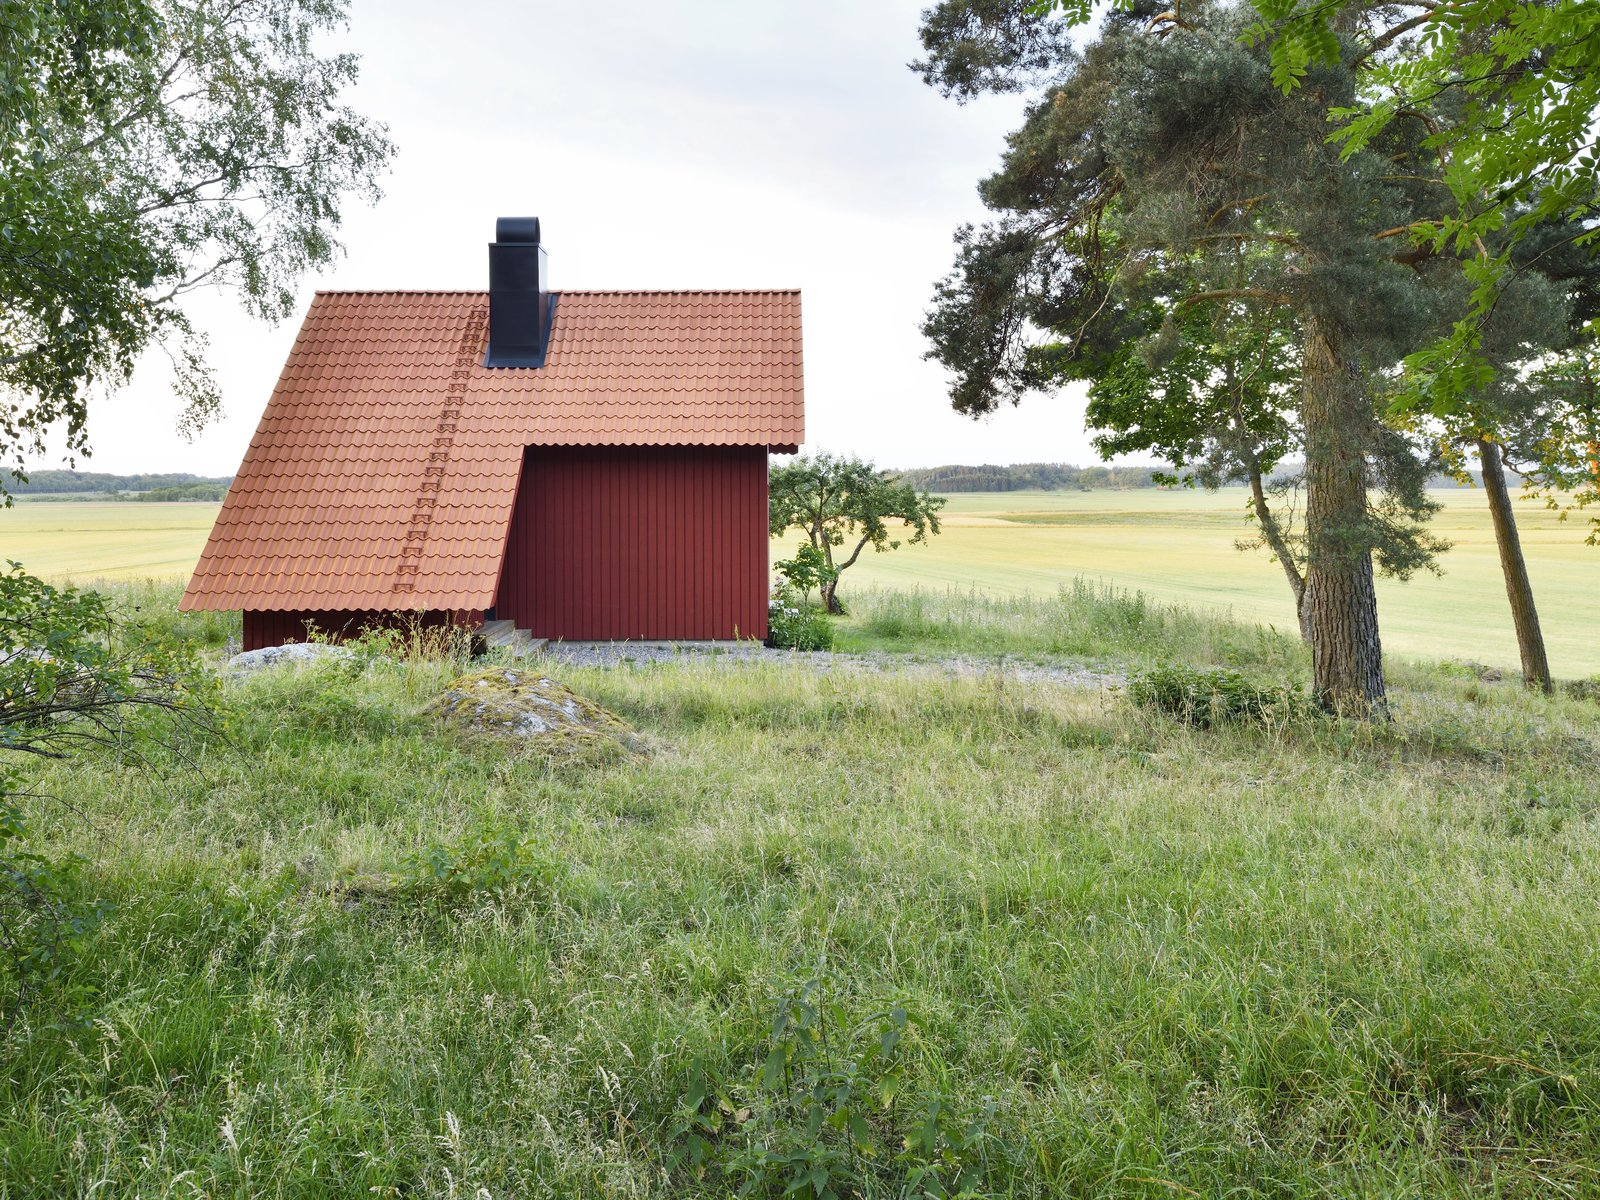 Bollbacken by Soderberg Soderberg peaked pantile roof